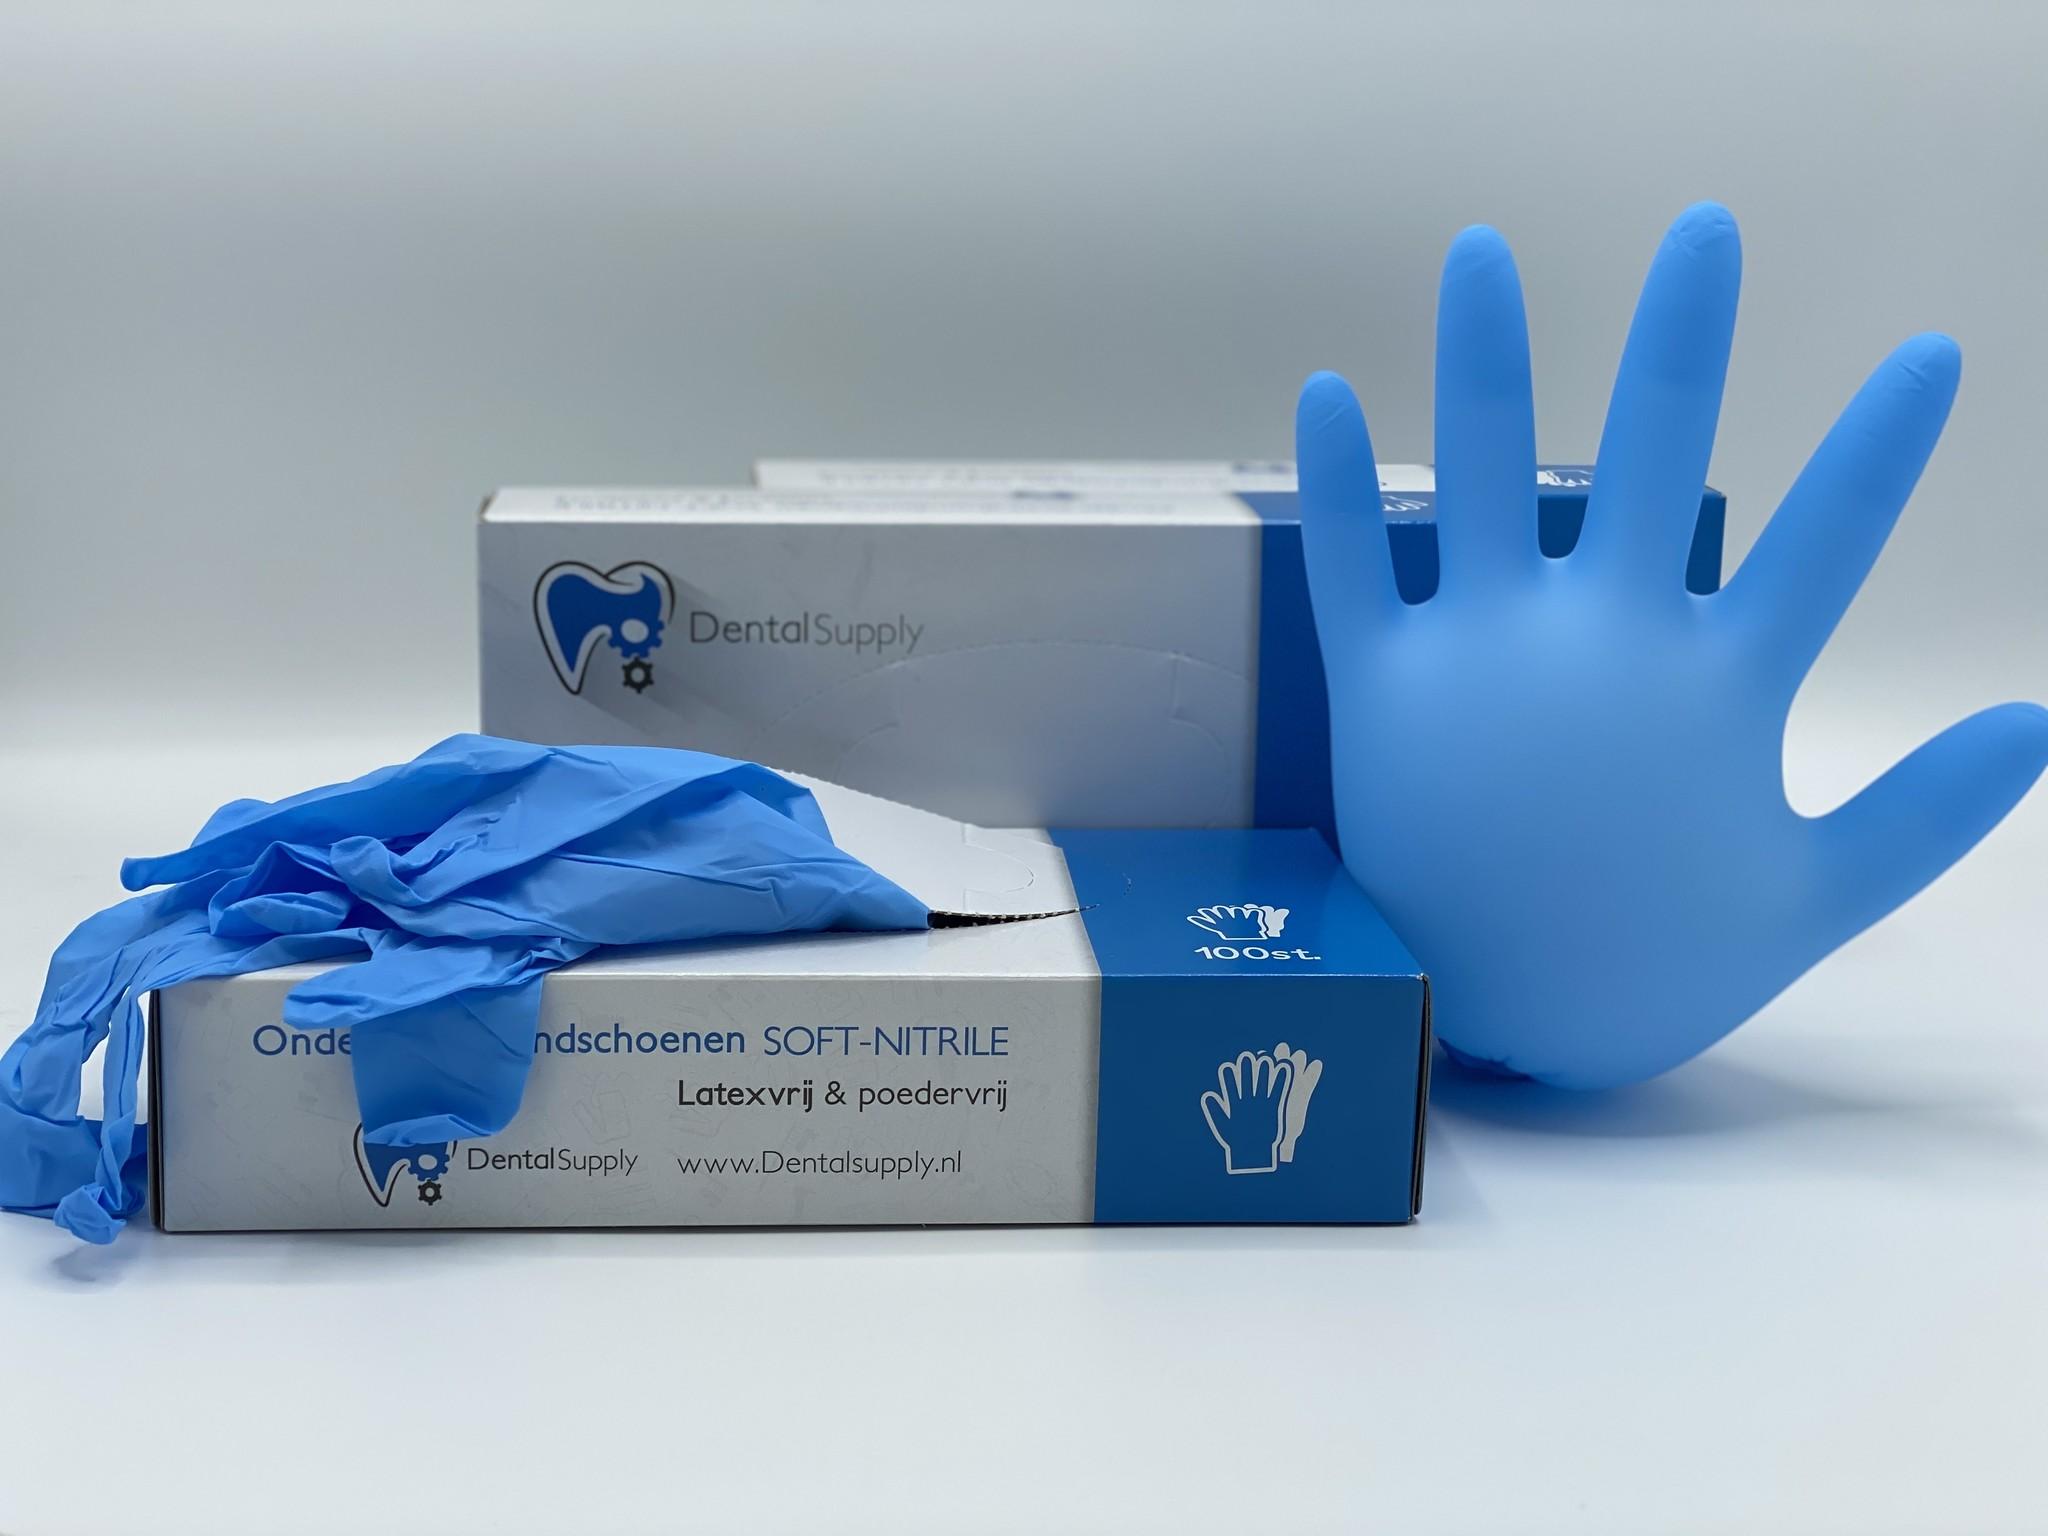 Handschuh Soft Nitrile PF, vollständige Zertifizierung - kleine 100 Stück